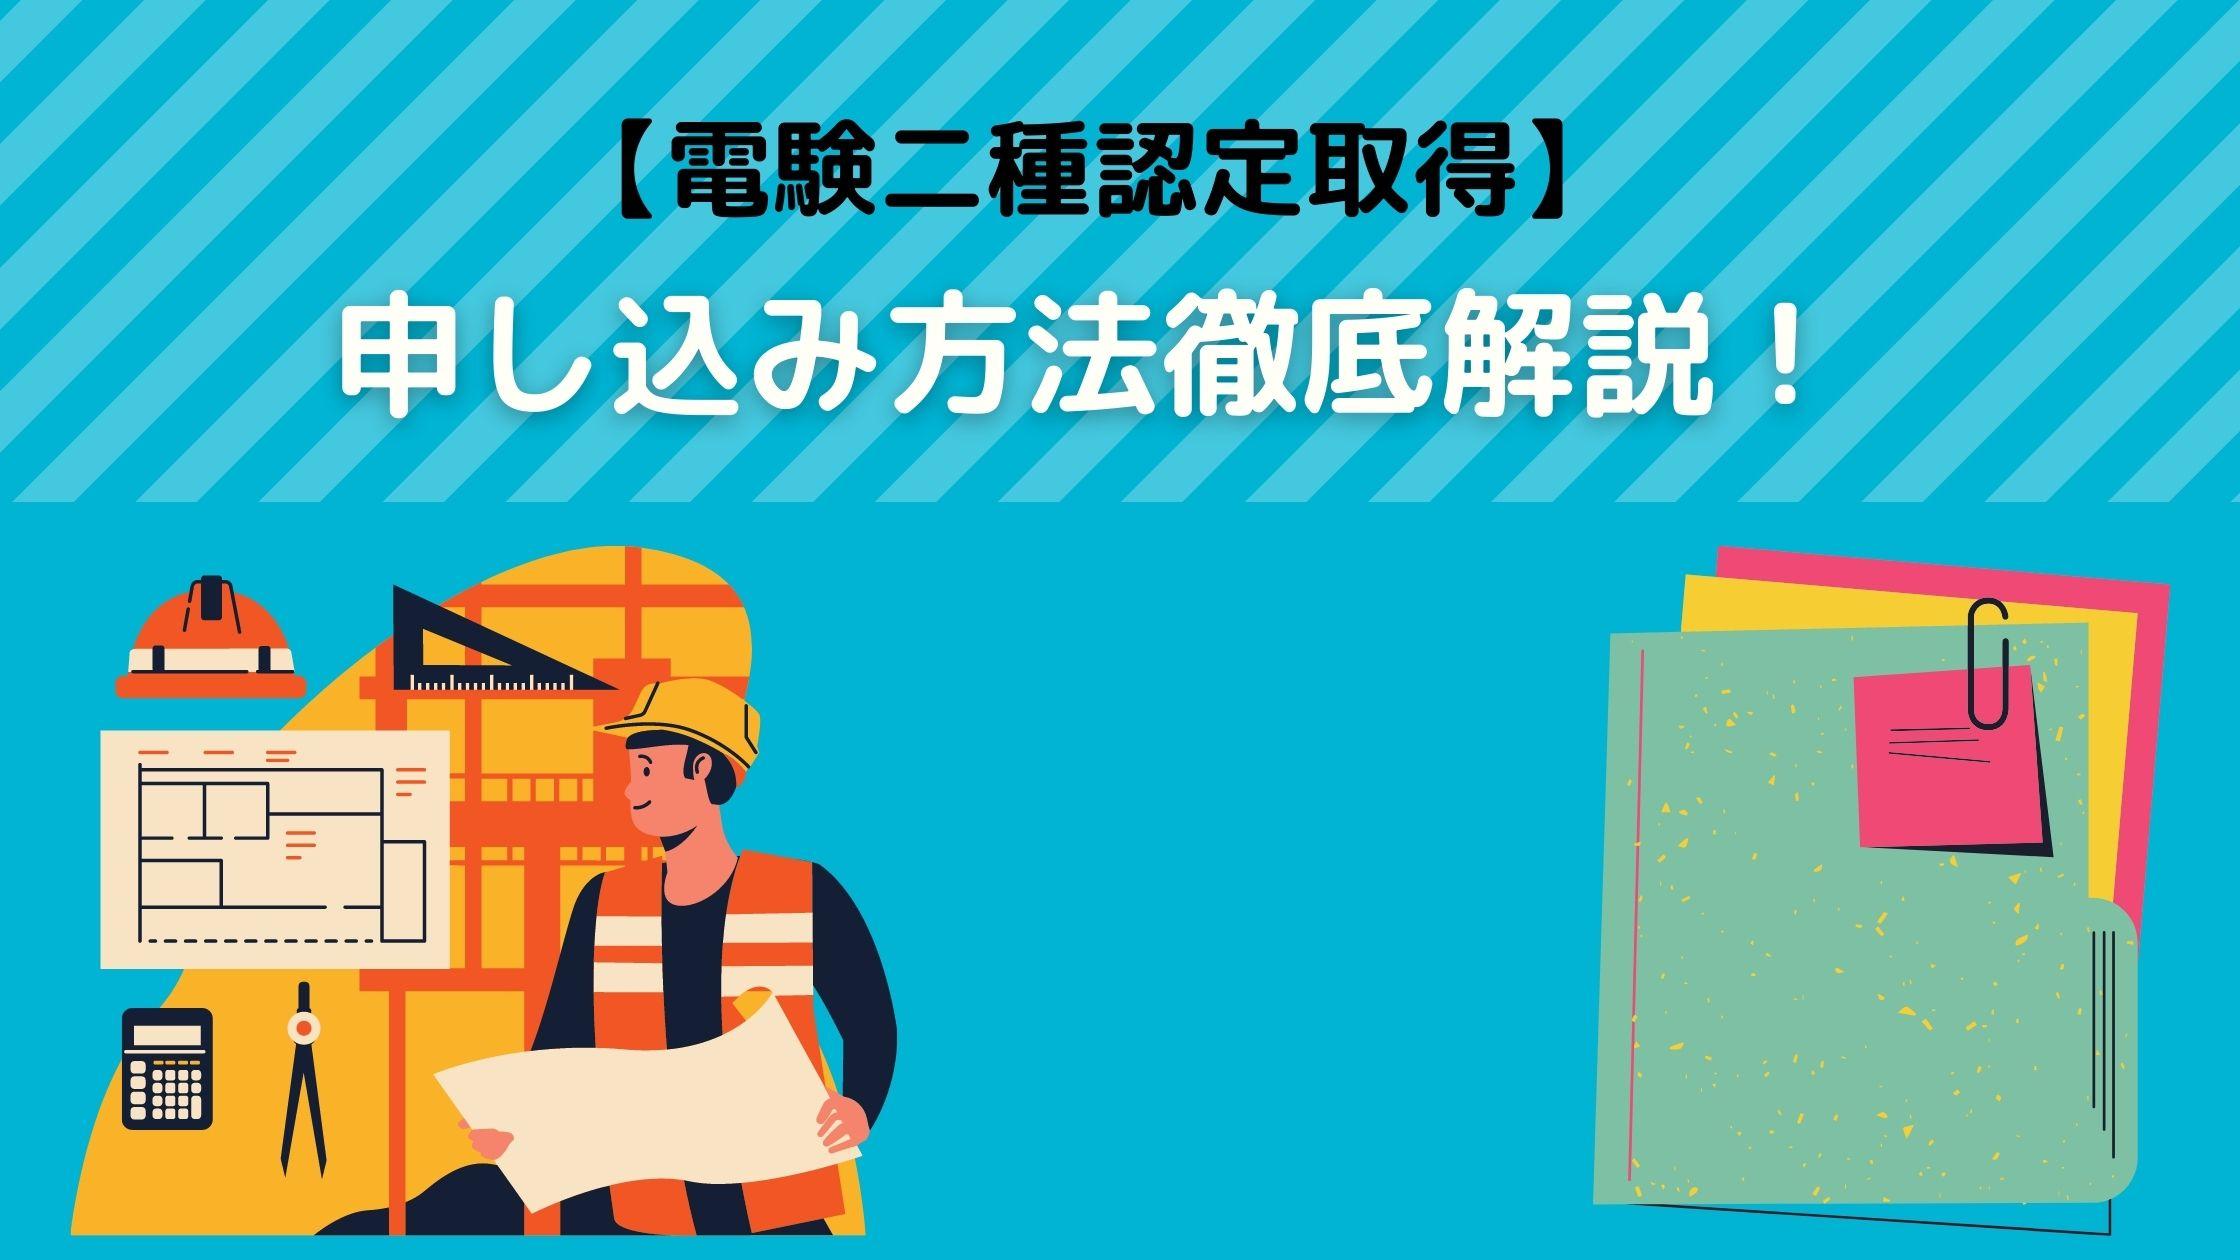 【電験二種認定取得】申し込み方法徹底解説!